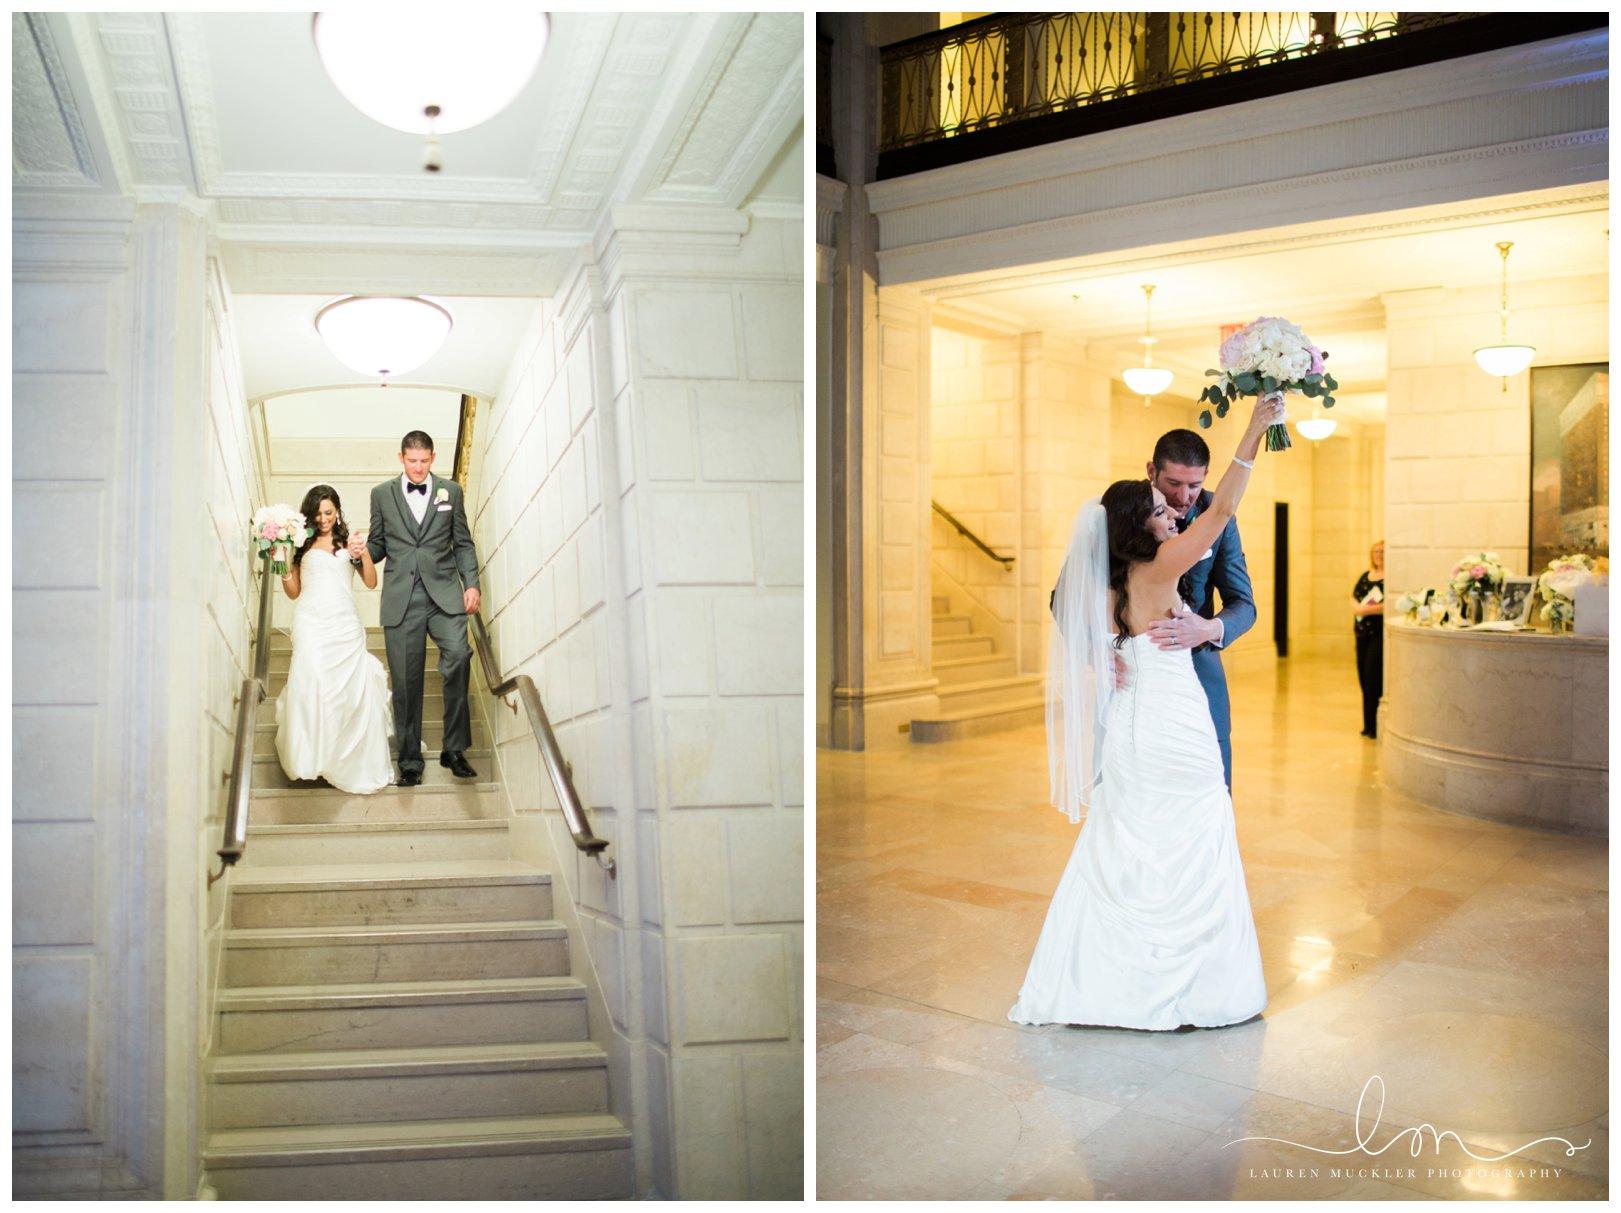 lauren muckler photography_fine art film wedding photography_st louis_photography_0272.jpg